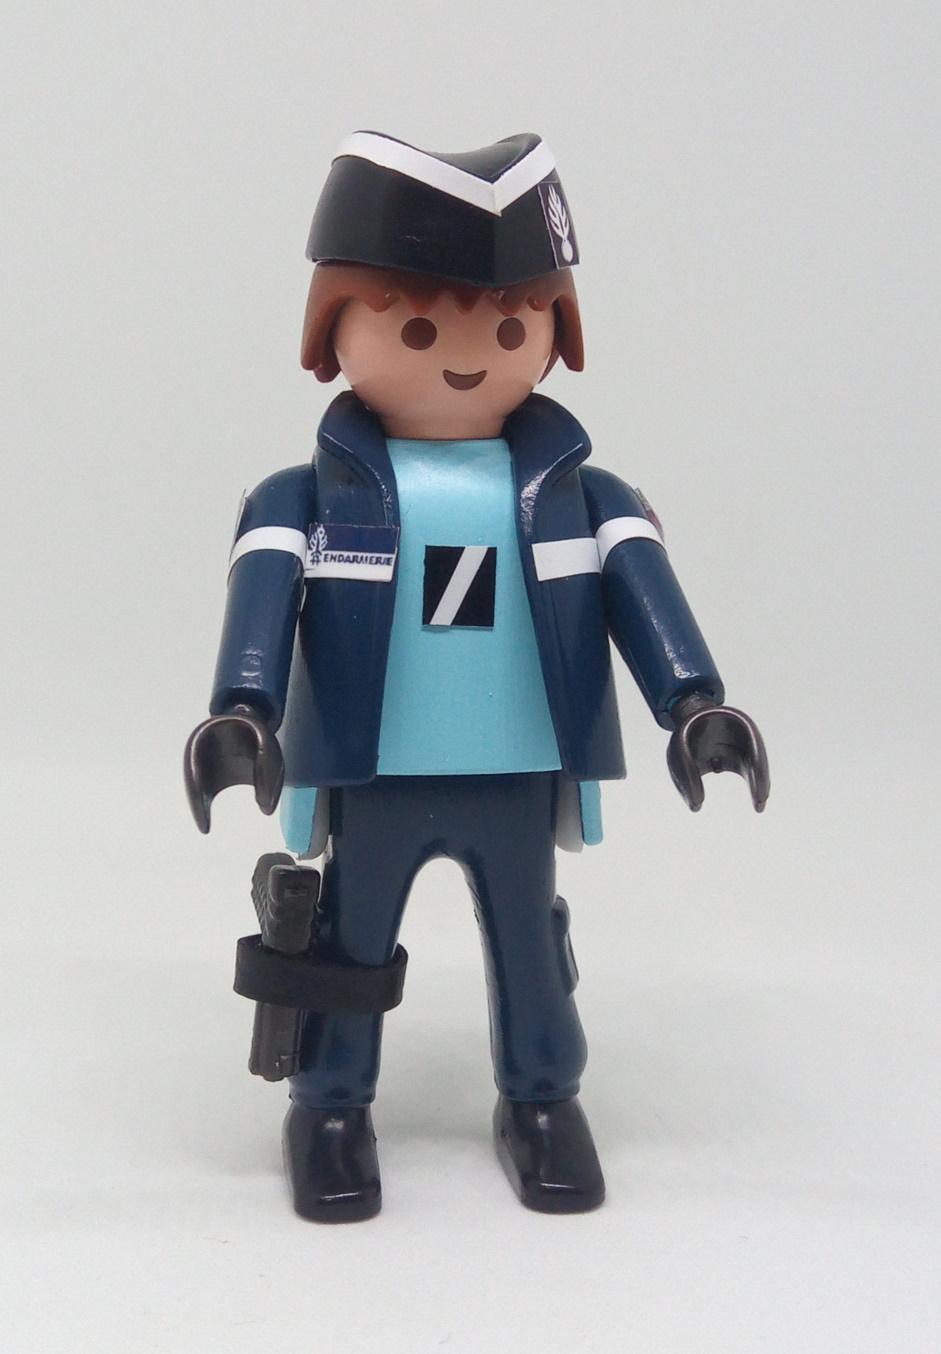 Playmobil personalizado uniforme con chaqueta Gendarmerie Francia hombre